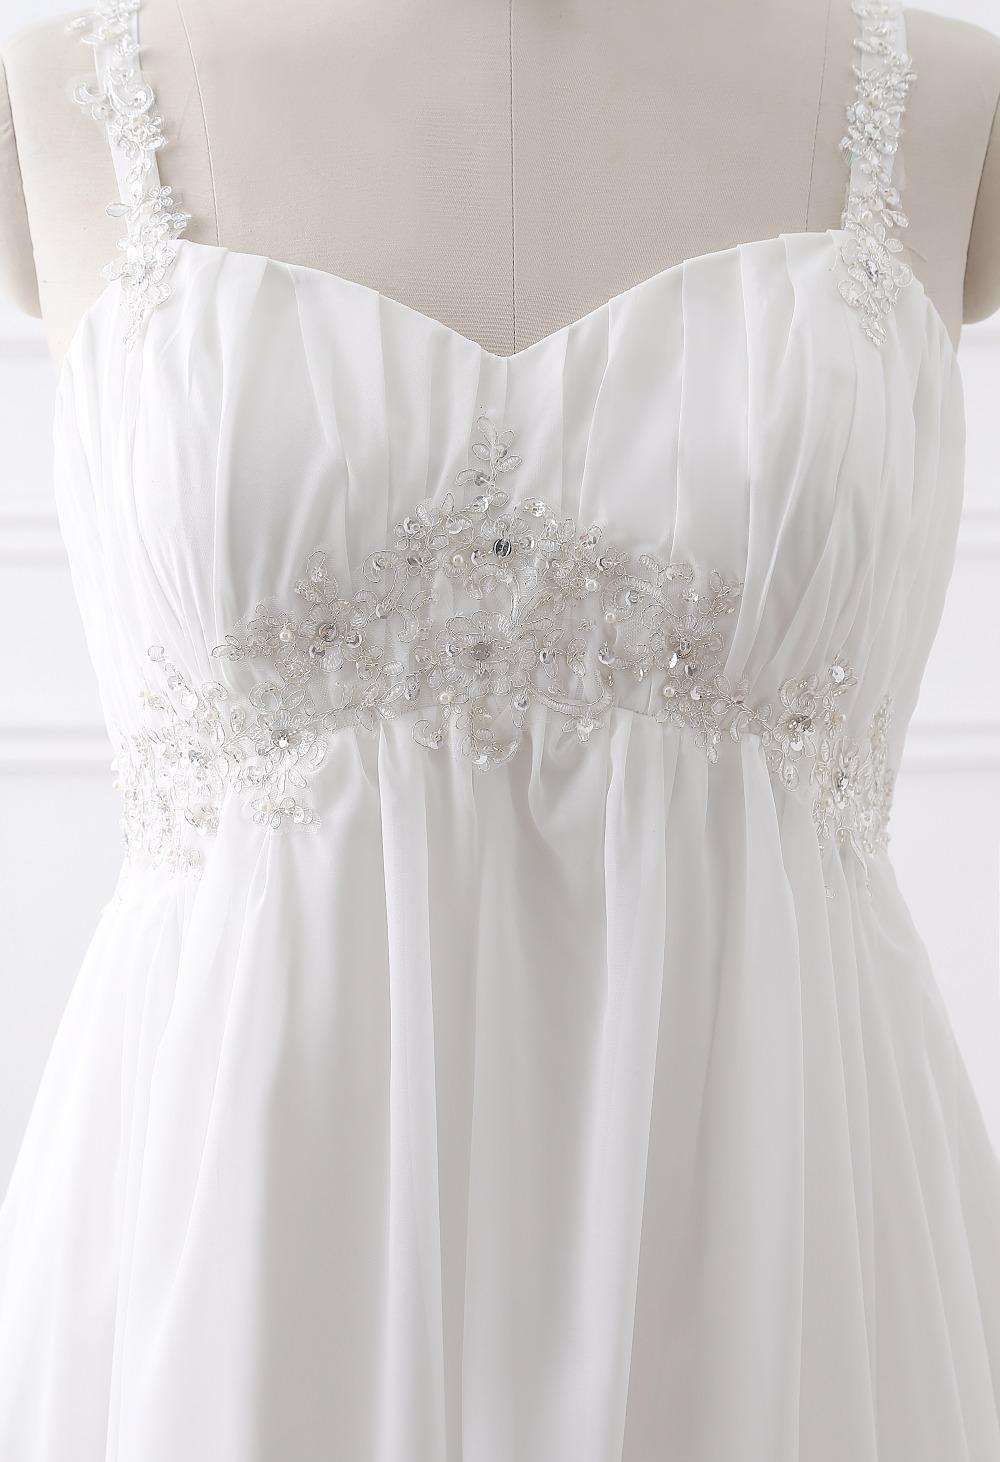 b408c69b0aec Dlhé svadobné šaty-16 veľkostí